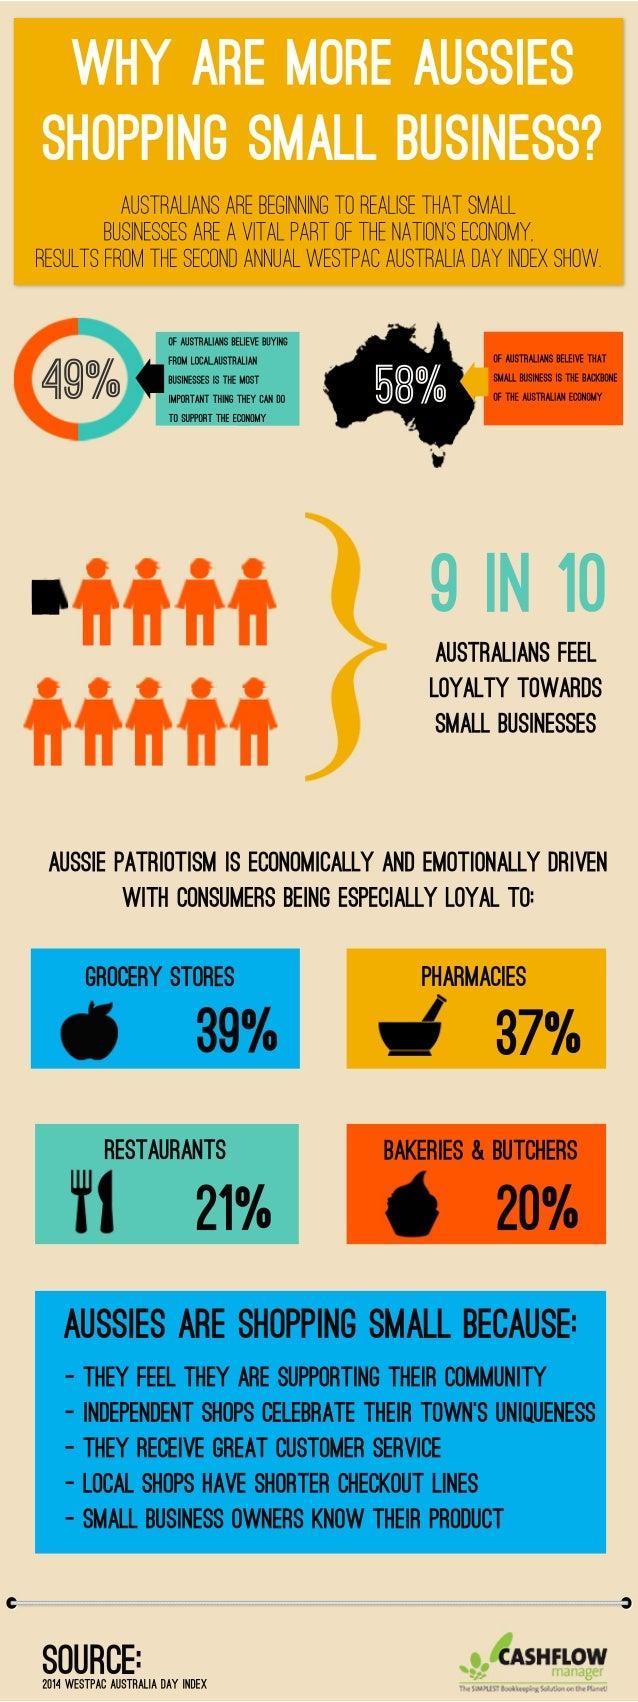 Australiansarebeginningtorealisethatsmall businessesareavitalpartofthenation'seconomy, resultsfromthesecondannualwestpacAu...